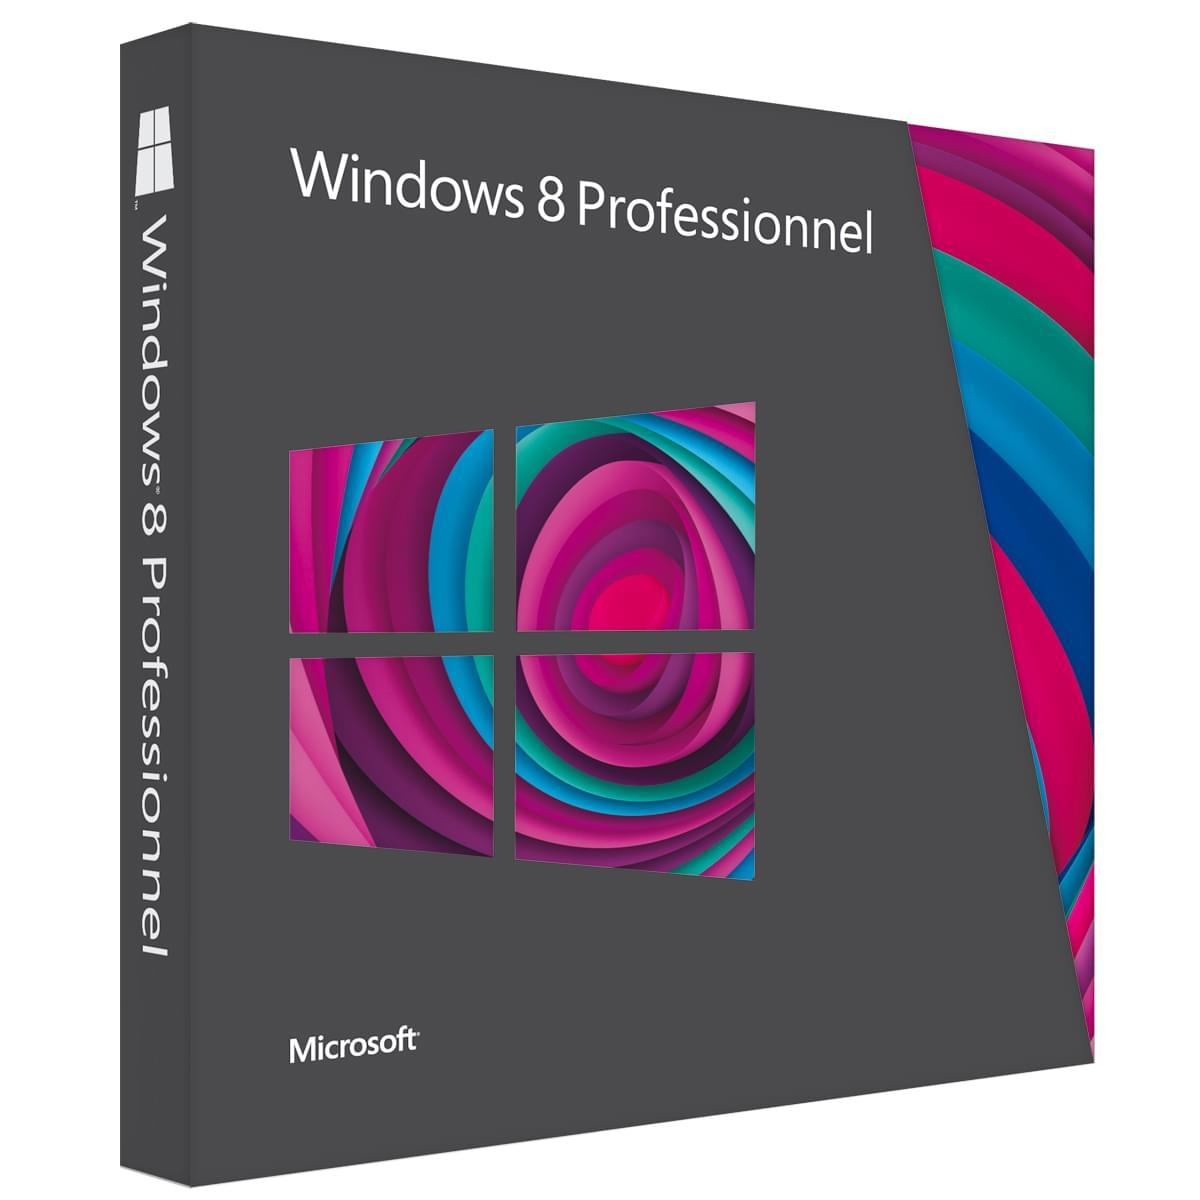 Microsoft MAJ Windows 8 Professionnel (3UR-00020) - Achat / Vente Logiciel système exploitation sur Cybertek.fr - 0